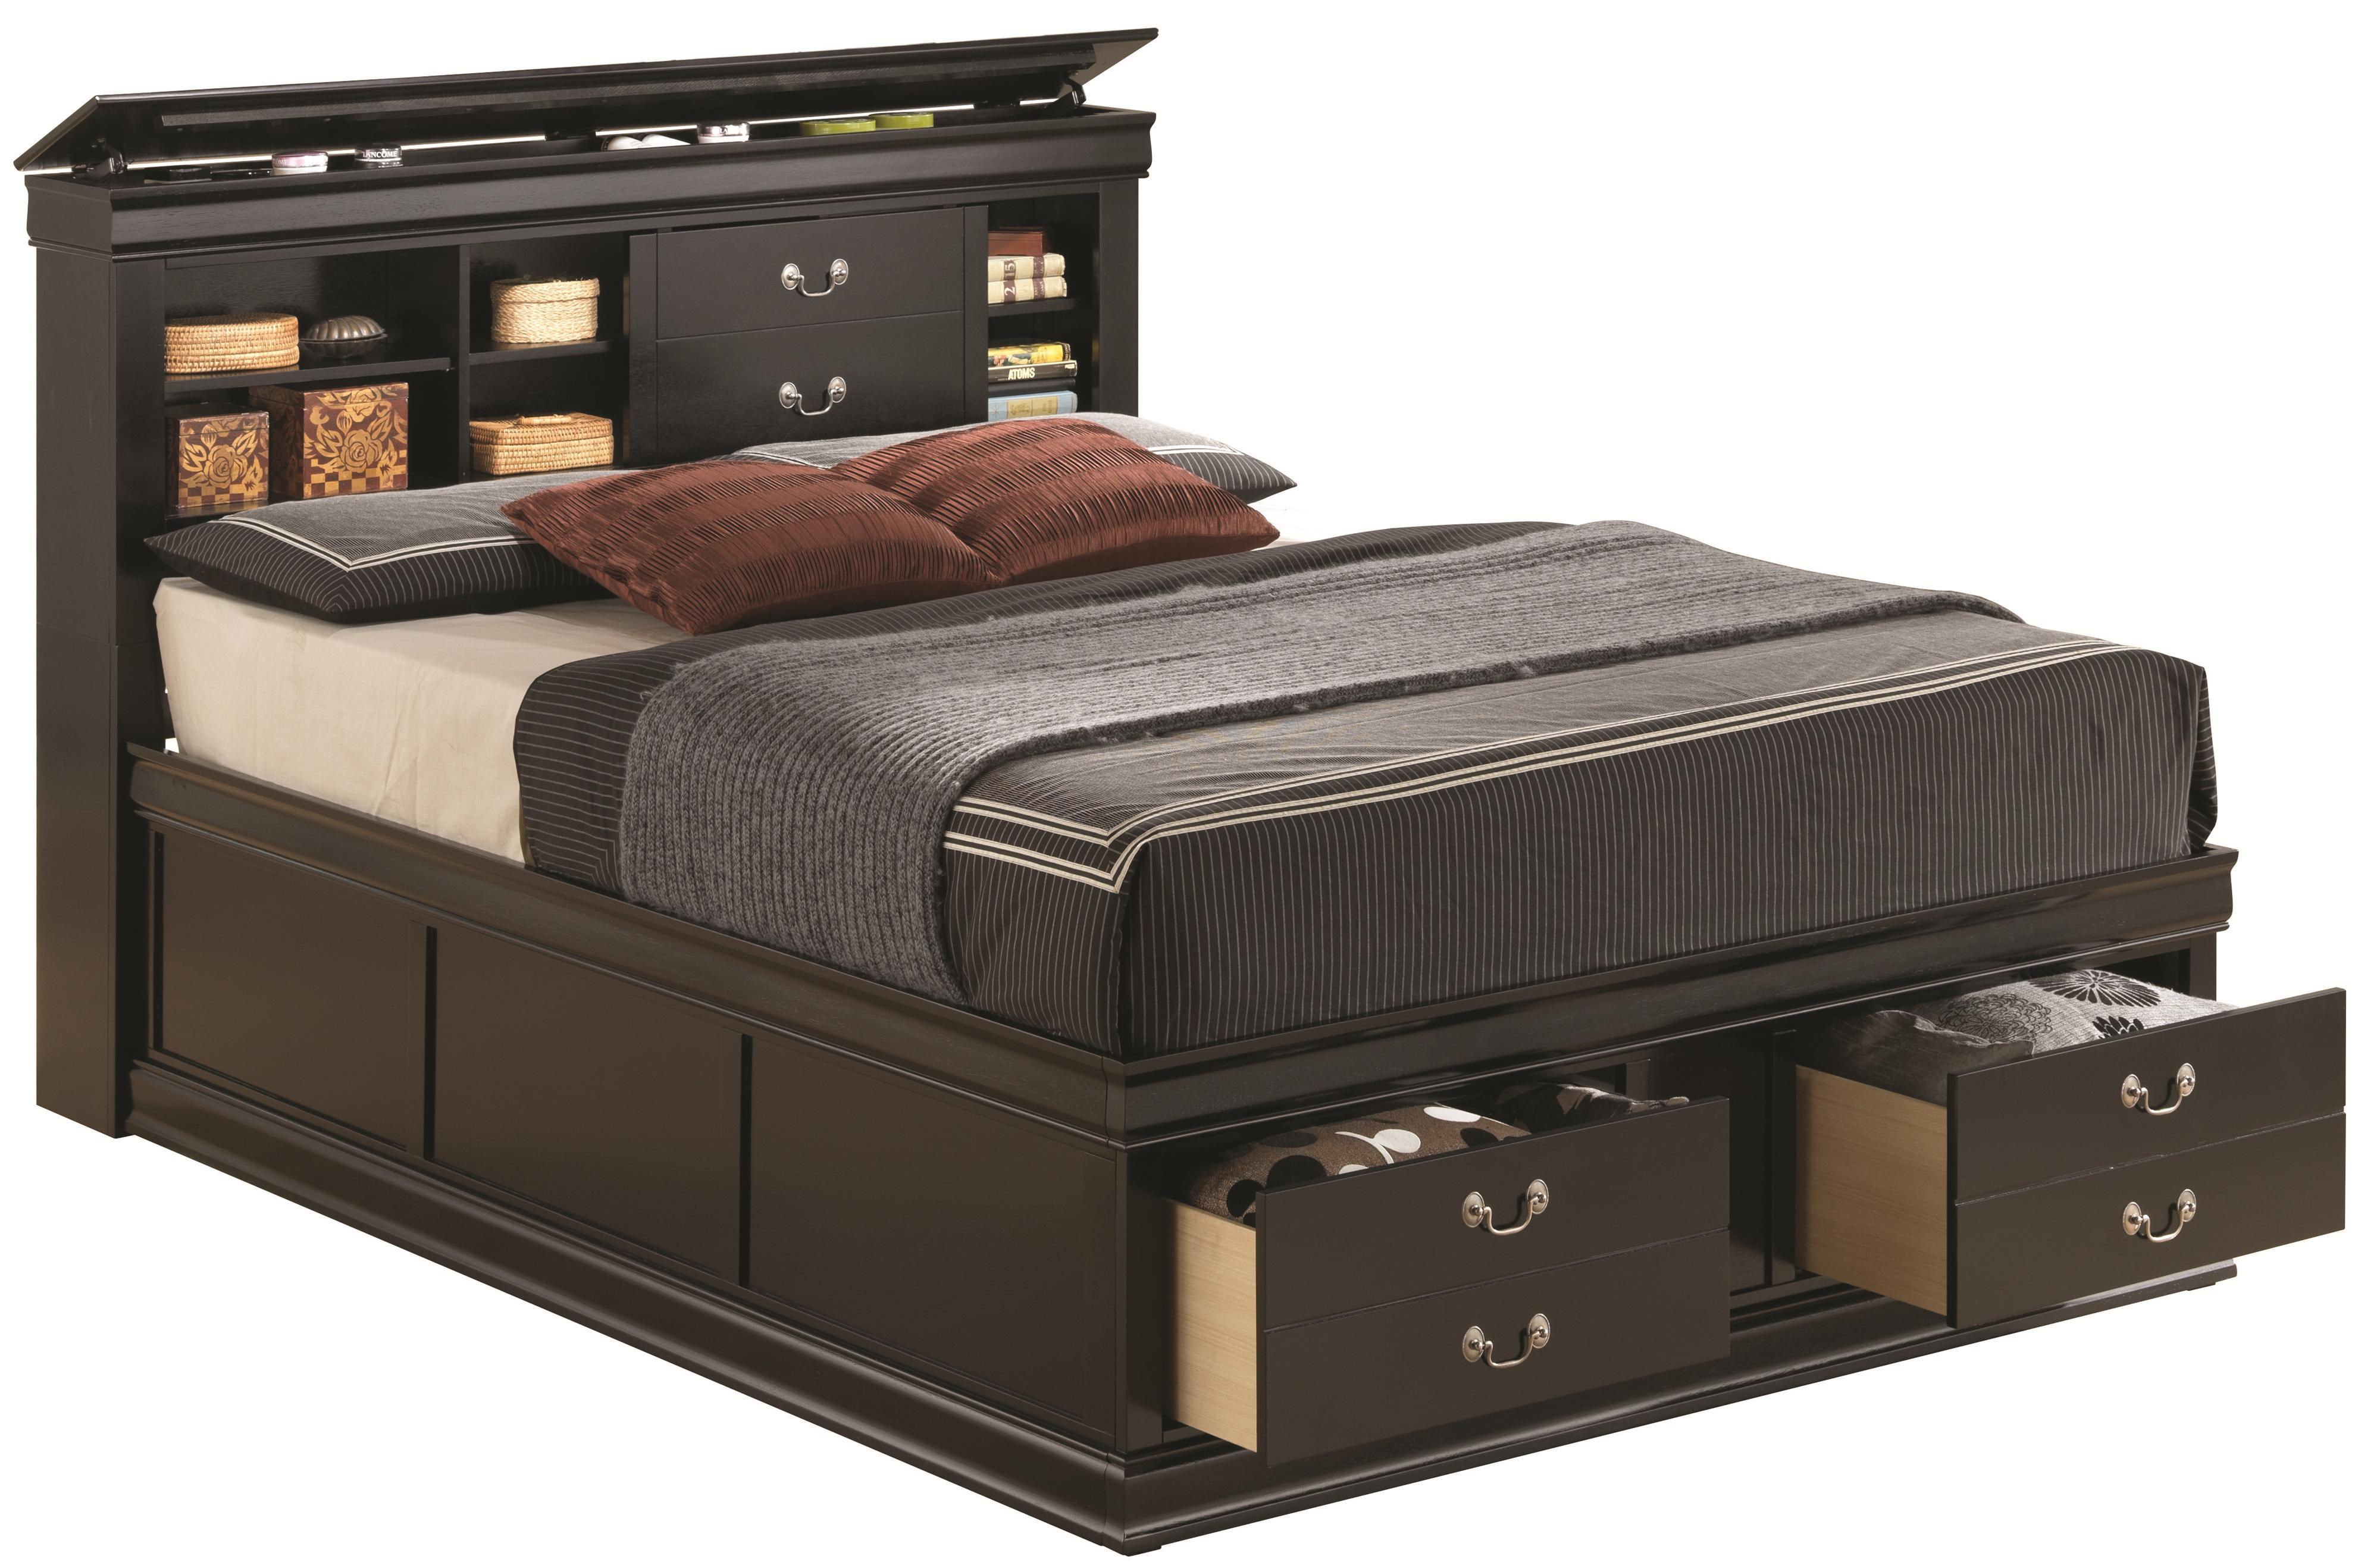 Coaster Louis Philippe King Storage Bed - Item Number: 201079KE